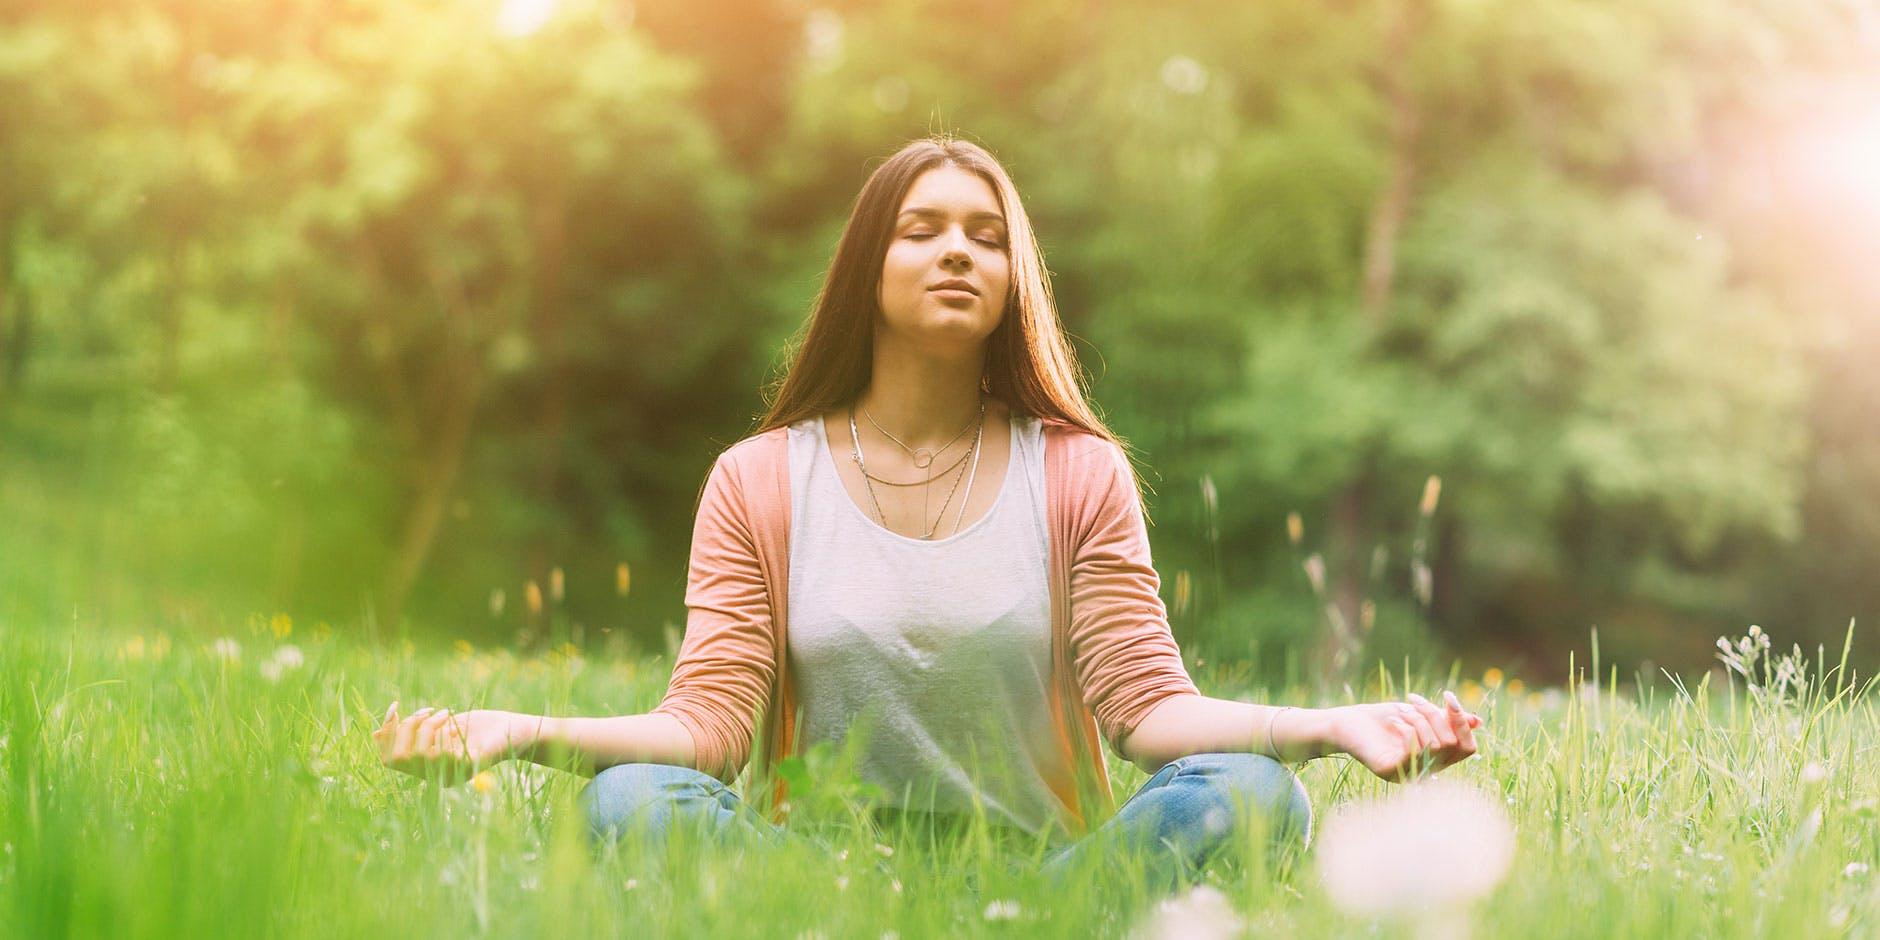 Eine junge Frau sitzt in einem Feld dank der Therapie mit einem Heuschnupfenmittel.